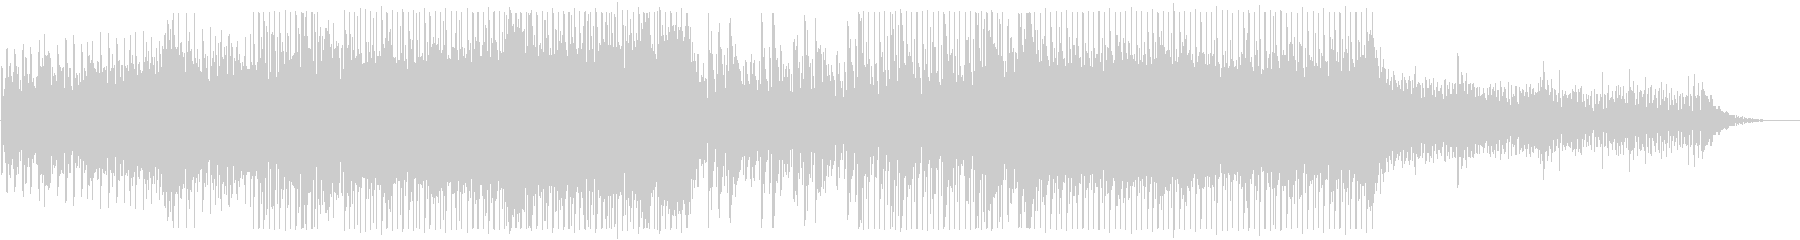 ピアノがきらきら綺麗なBGMの未再生の波形